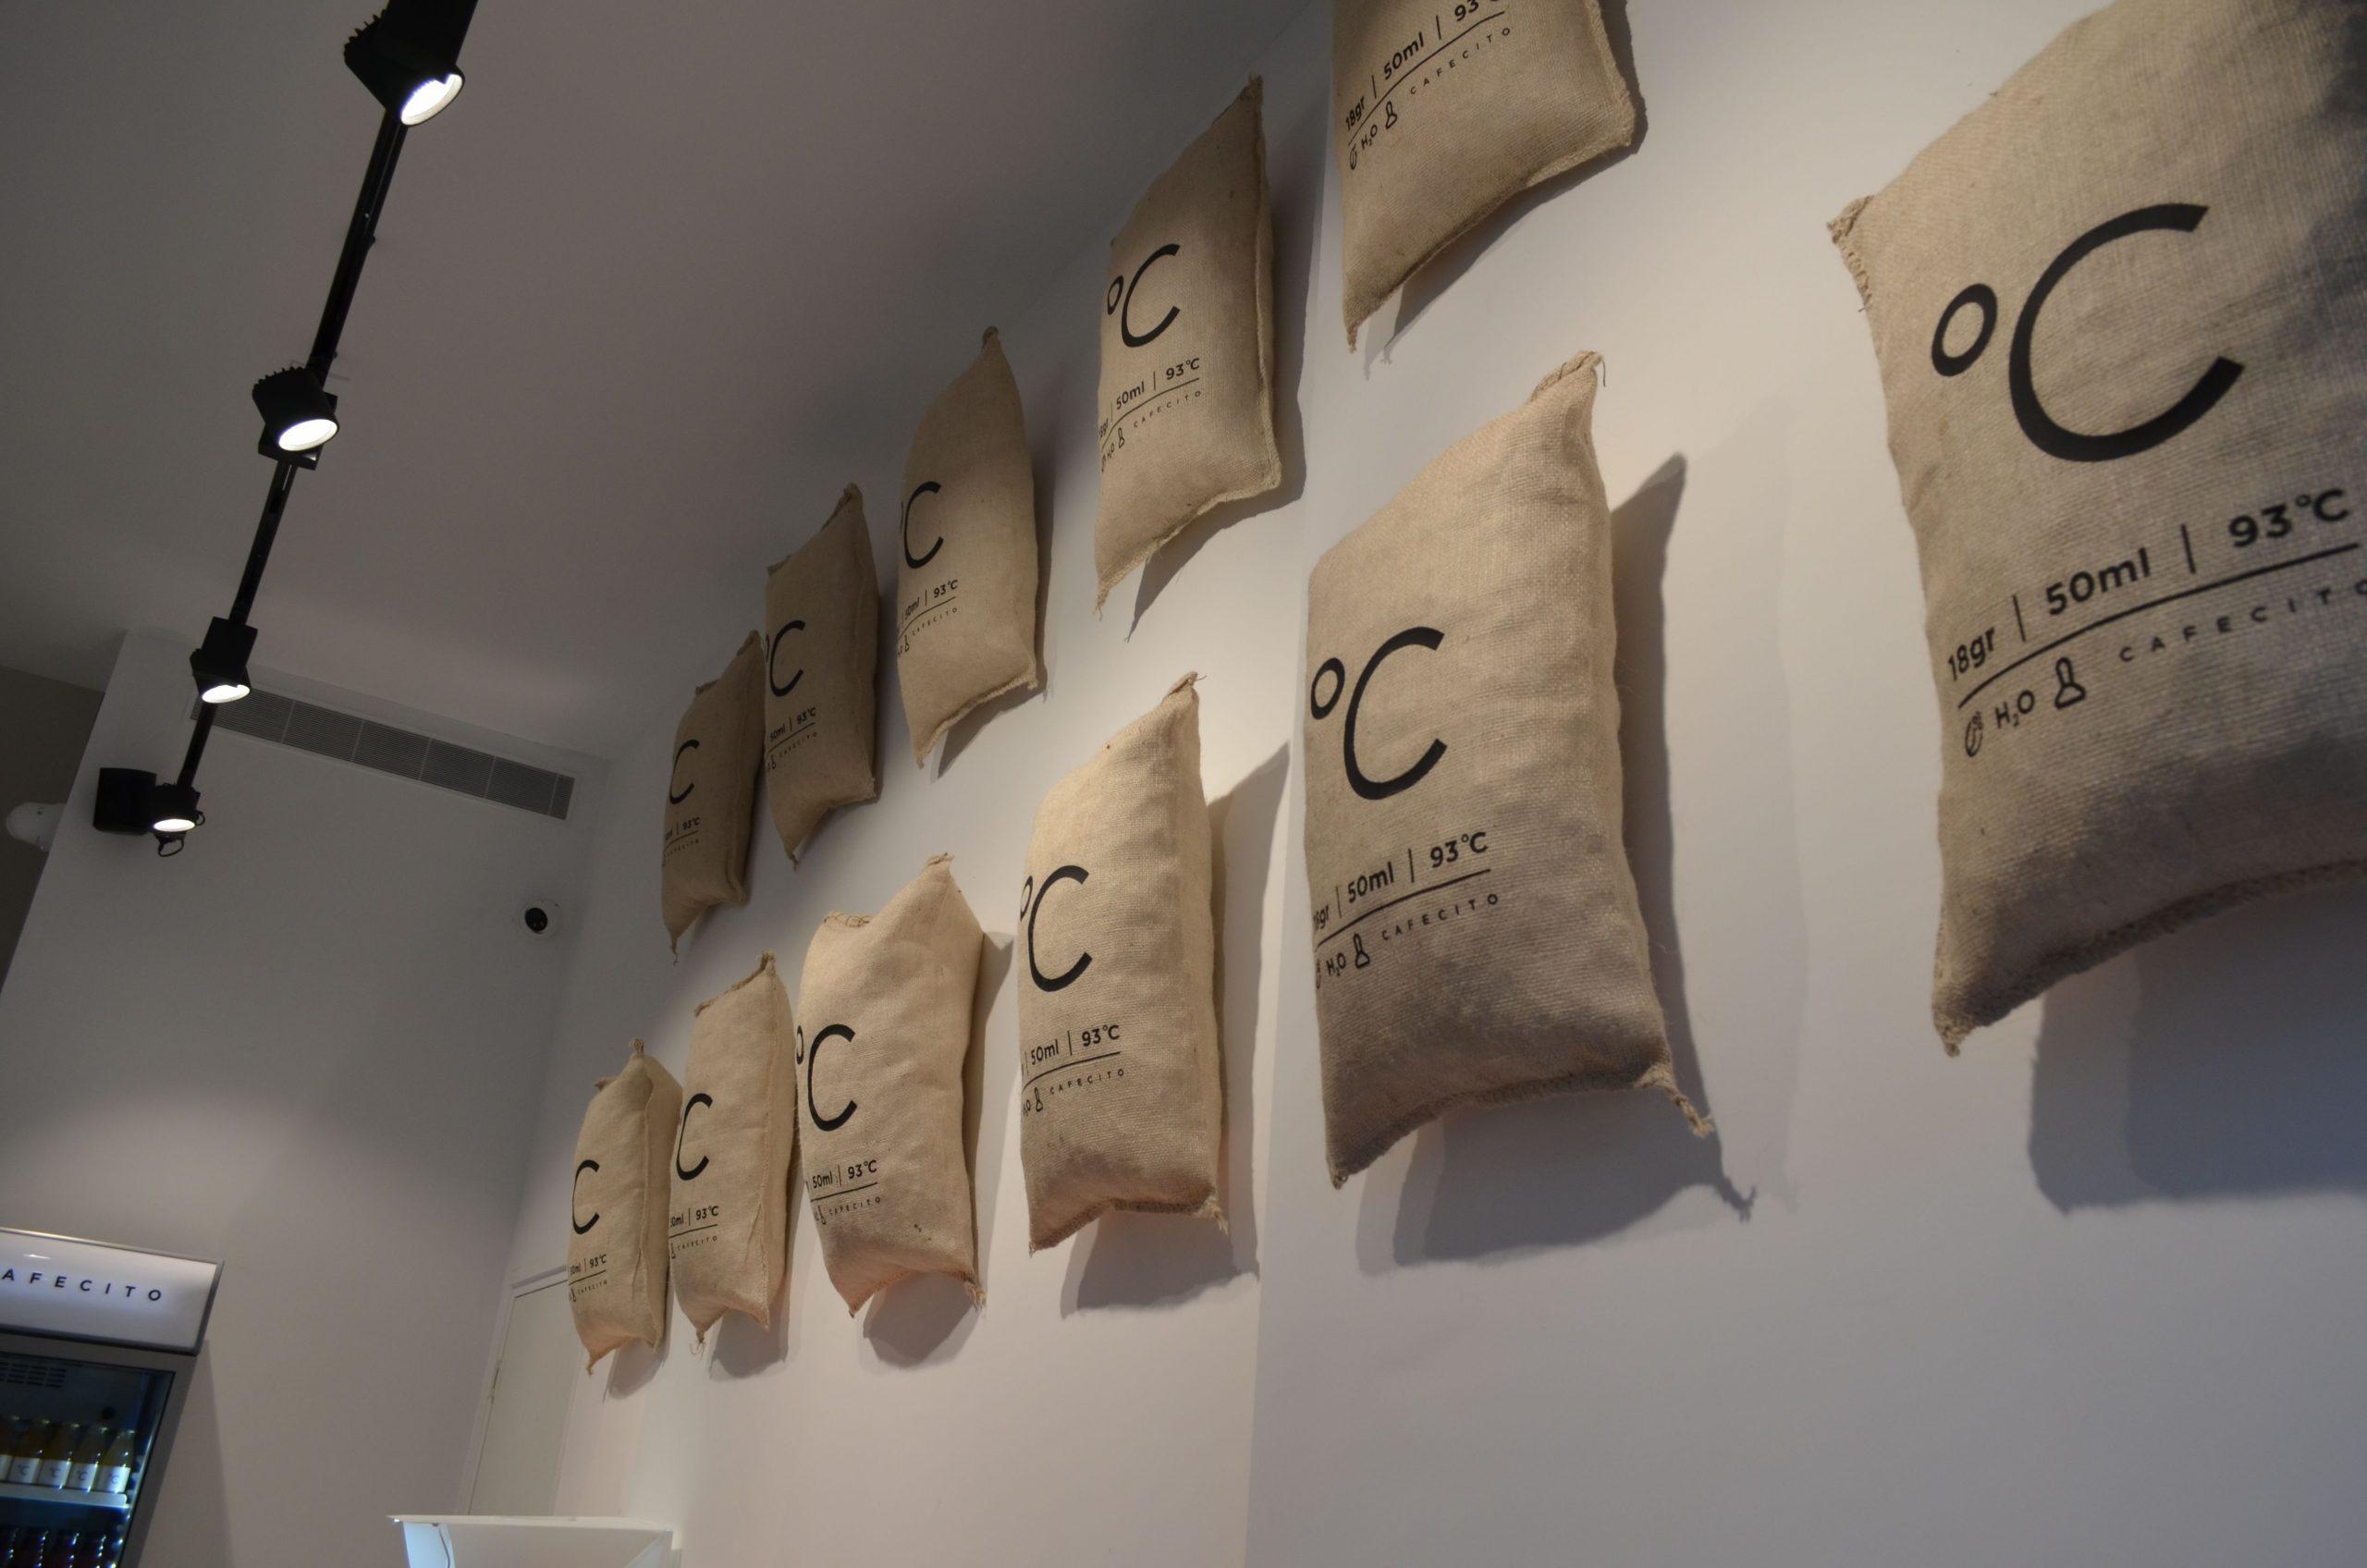 Espressobar Amsterdam, koffie zakken aan de muur